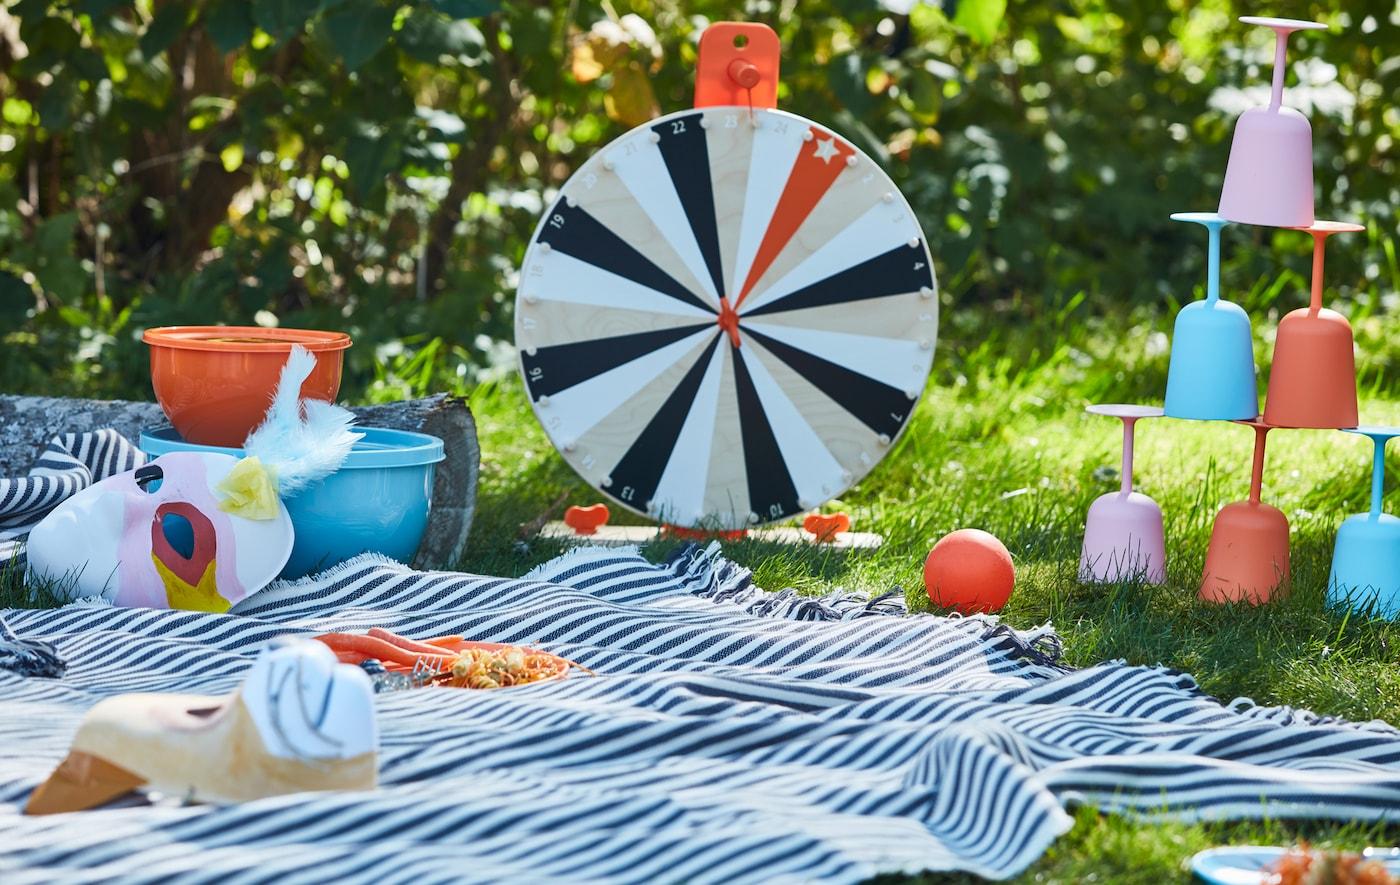 有很多游戏用品,其中有一个 LUSTIGT 卢斯蒂格 财富转盘游戏木转盘,野餐毯上摆放着不易碎的餐具。